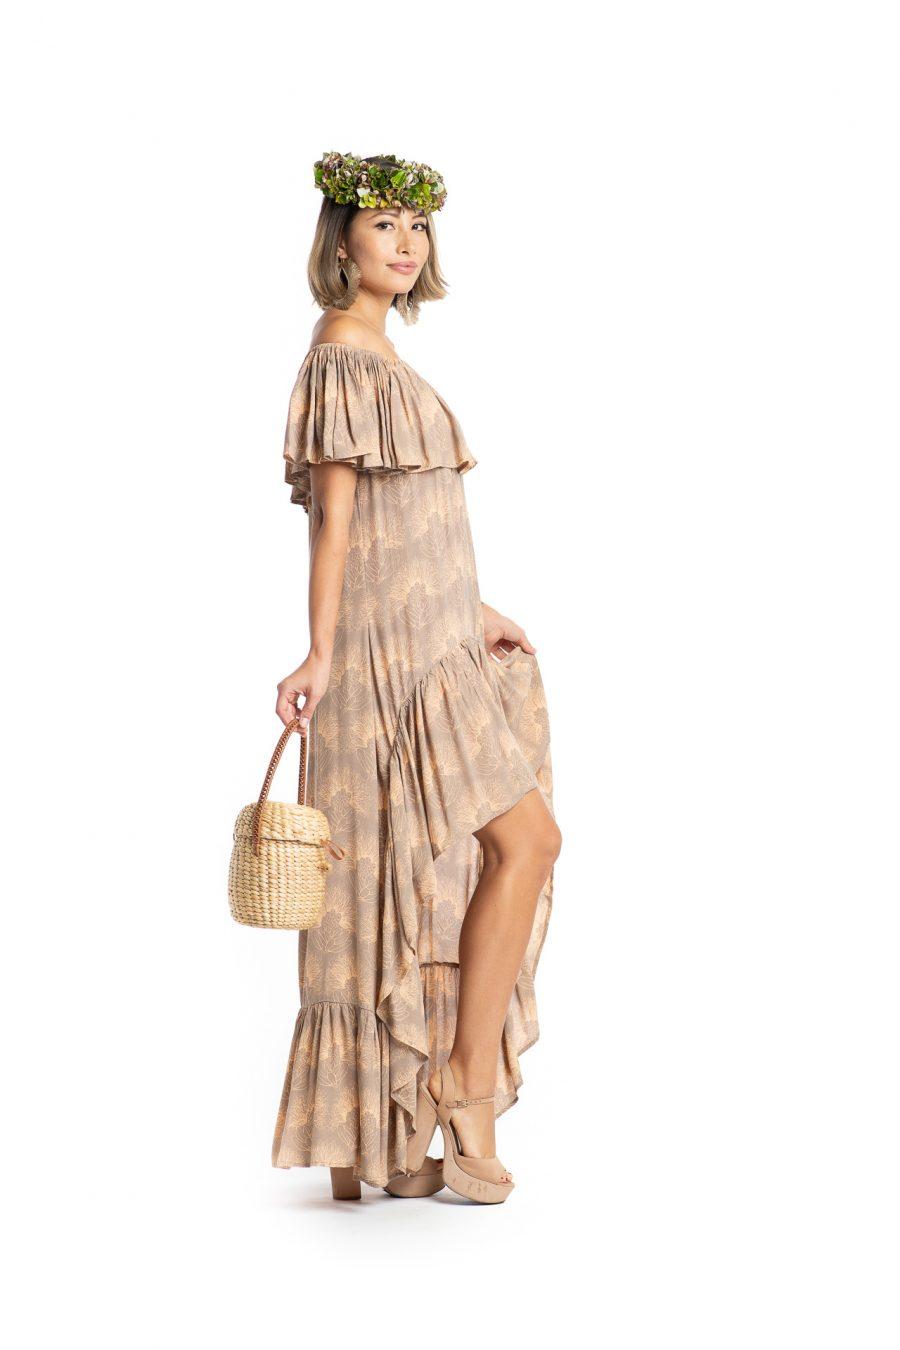 Model wearing Hauoli Long Dress in Kalihilehua Pattern - Side View